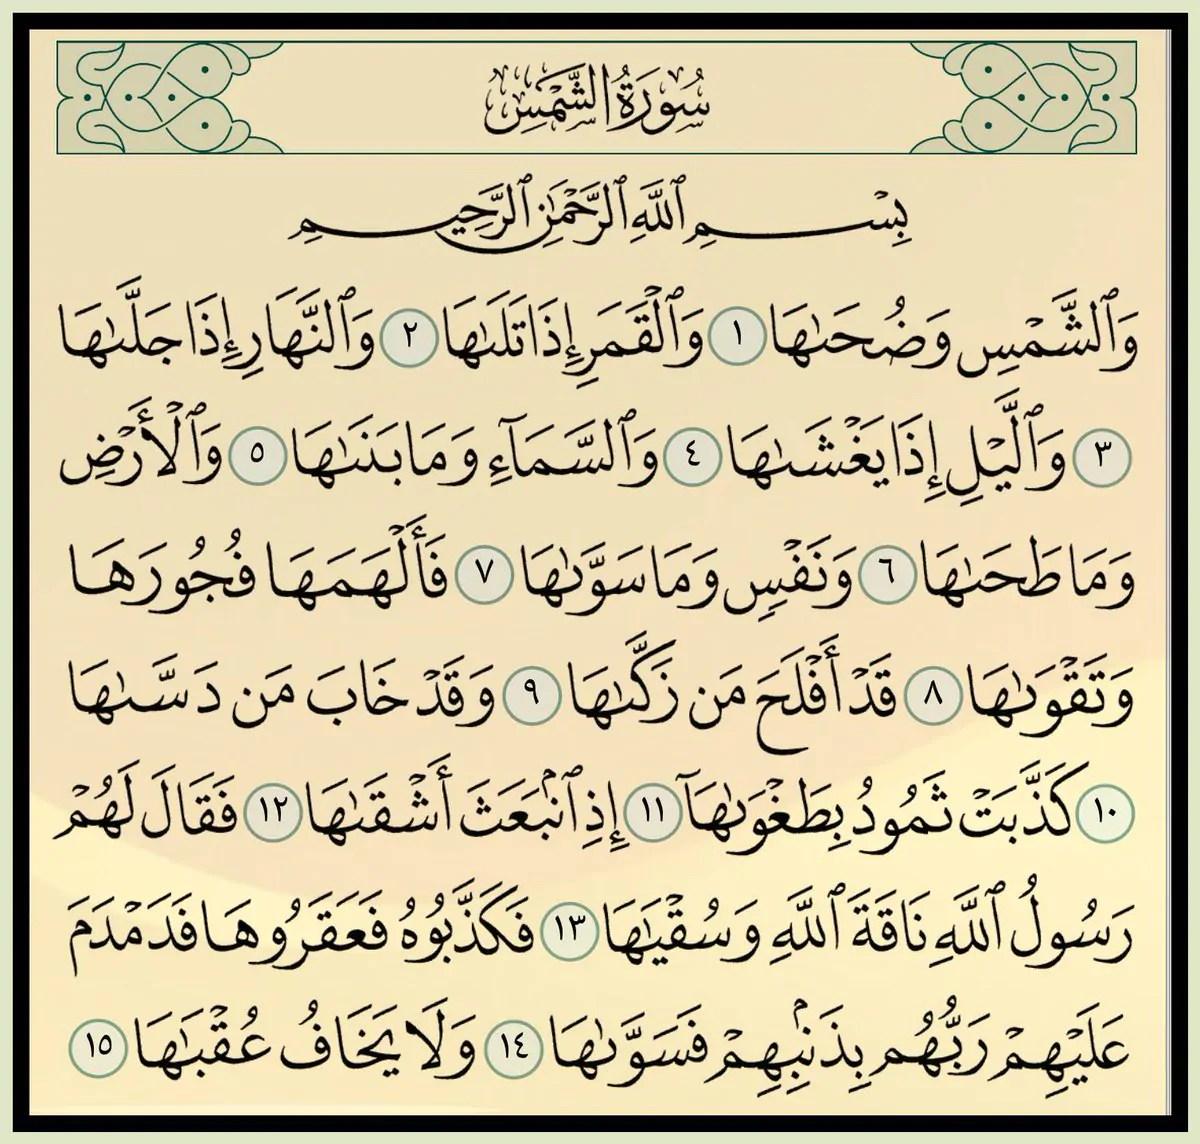 كيفية استذكار منهج التربية الدينية الإسلامية للصف الثاني الابتدائي:-